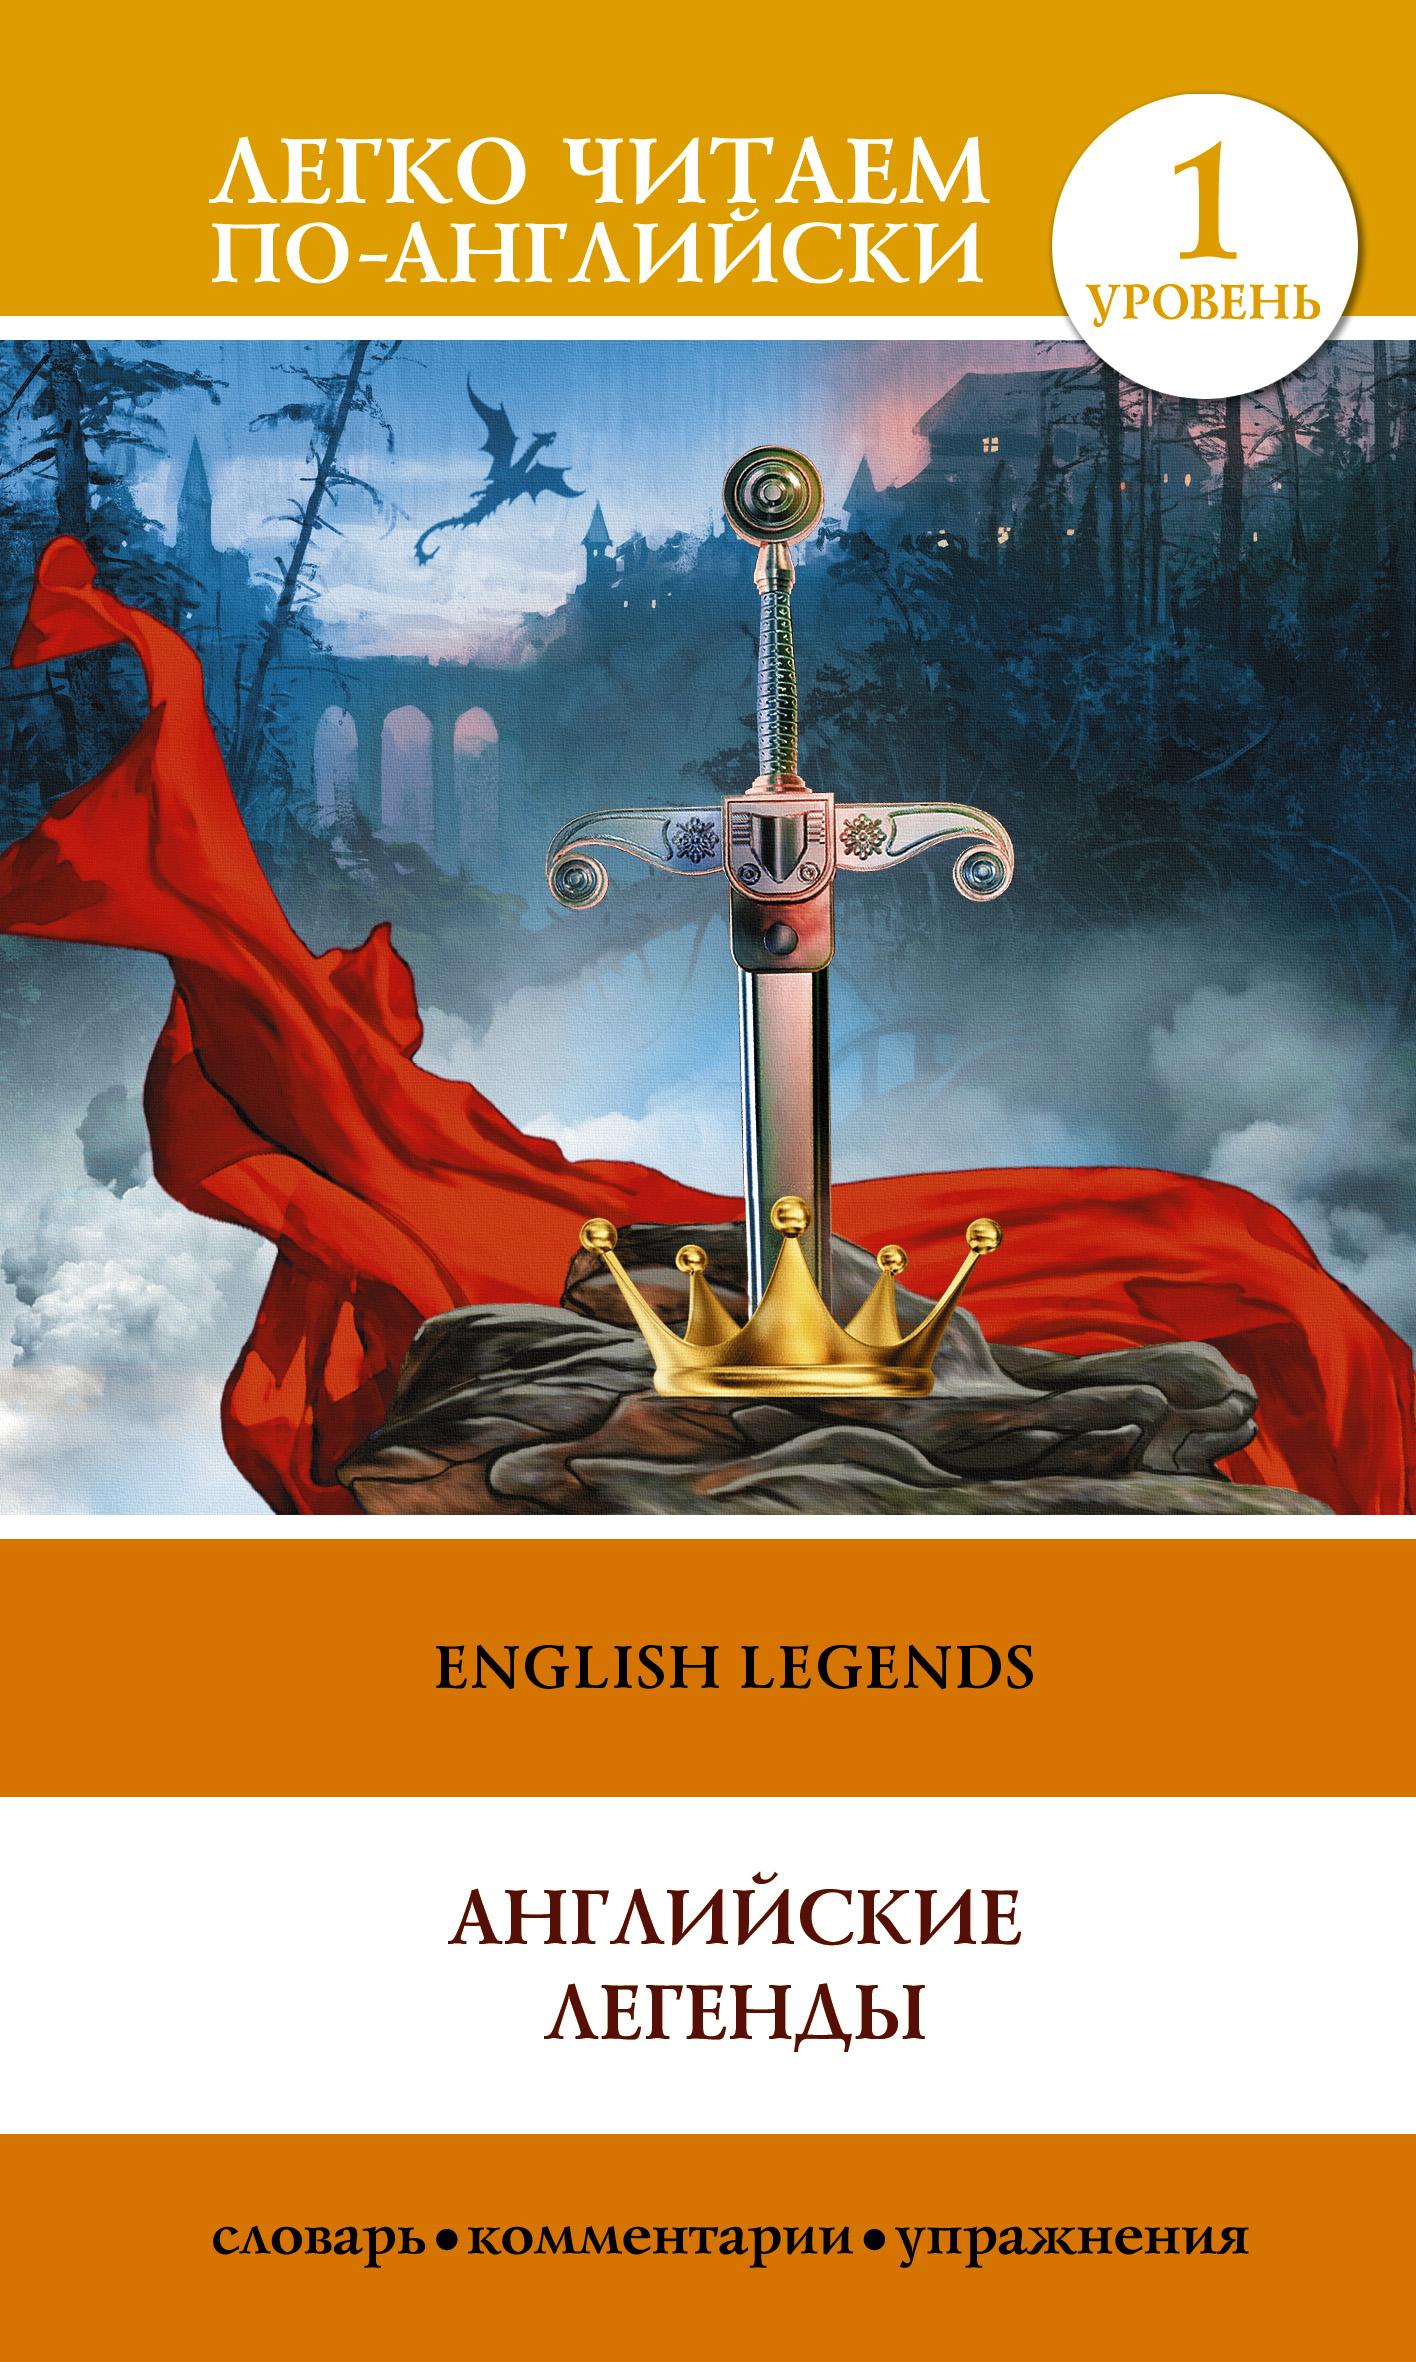 все цены на Отсутствует English Legends / Английские легенды онлайн